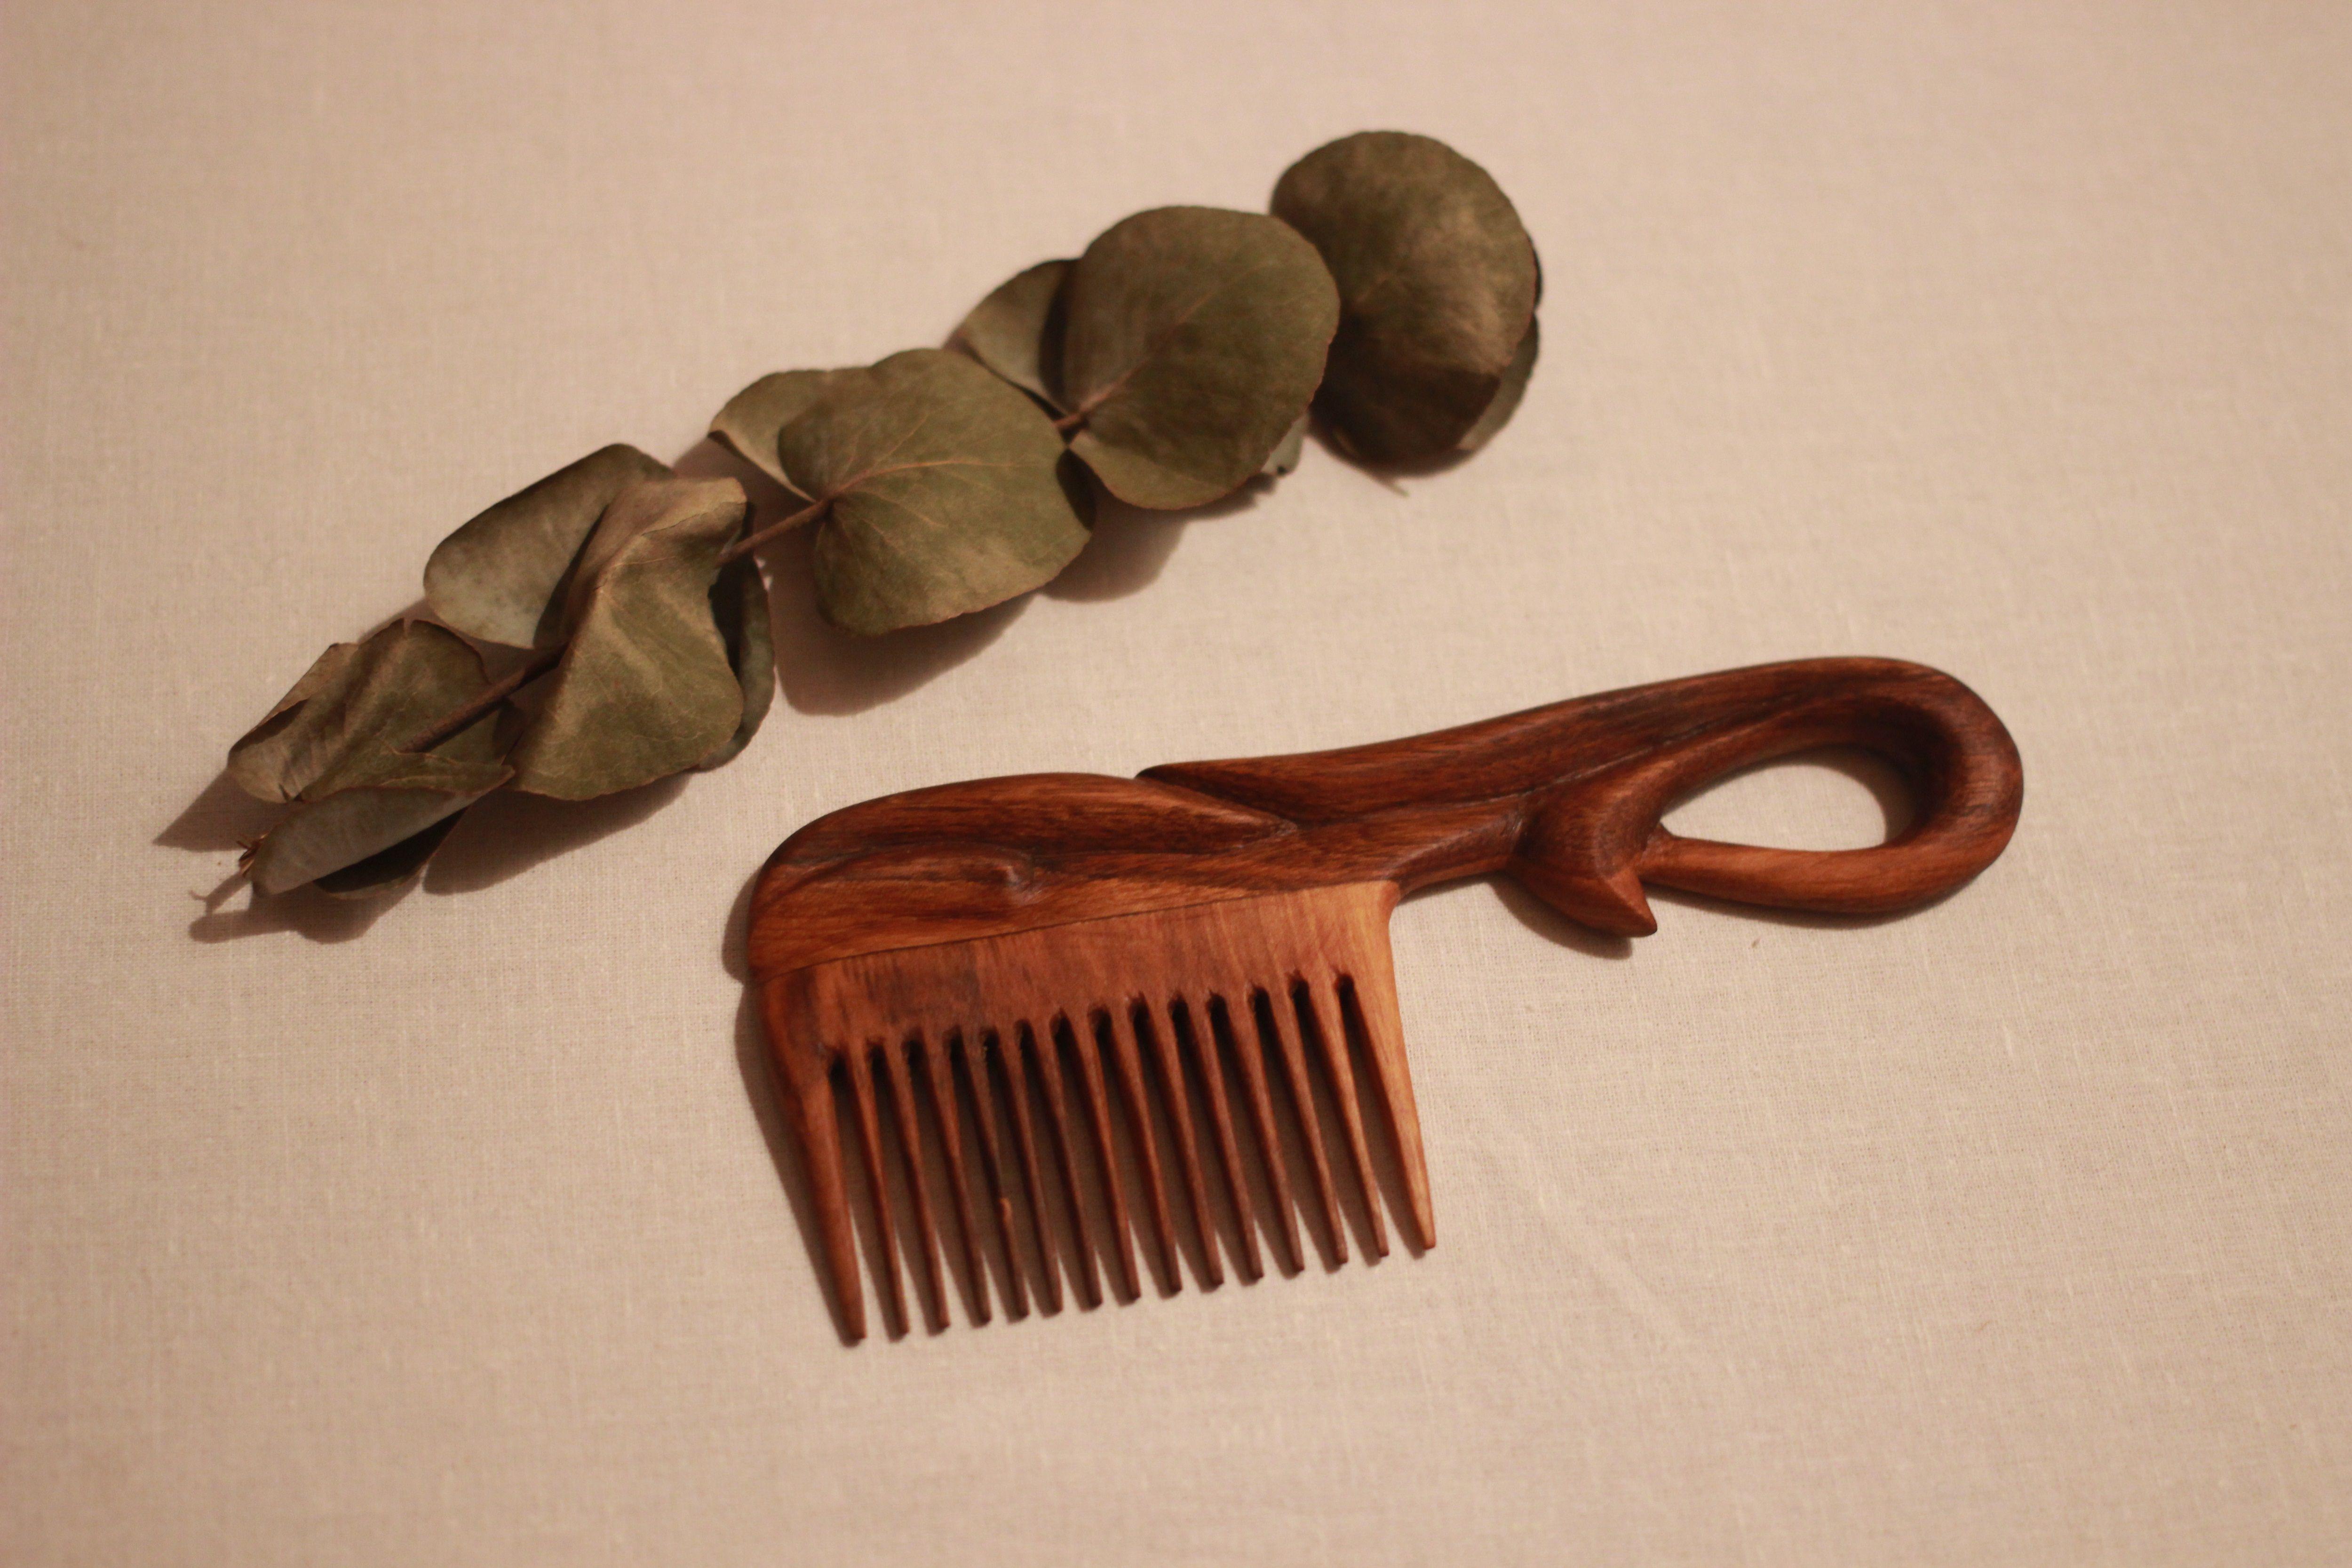 девушки расческа девушке деревянная деревянный набор резная женщины для заколка подарок женщине дереву резьба